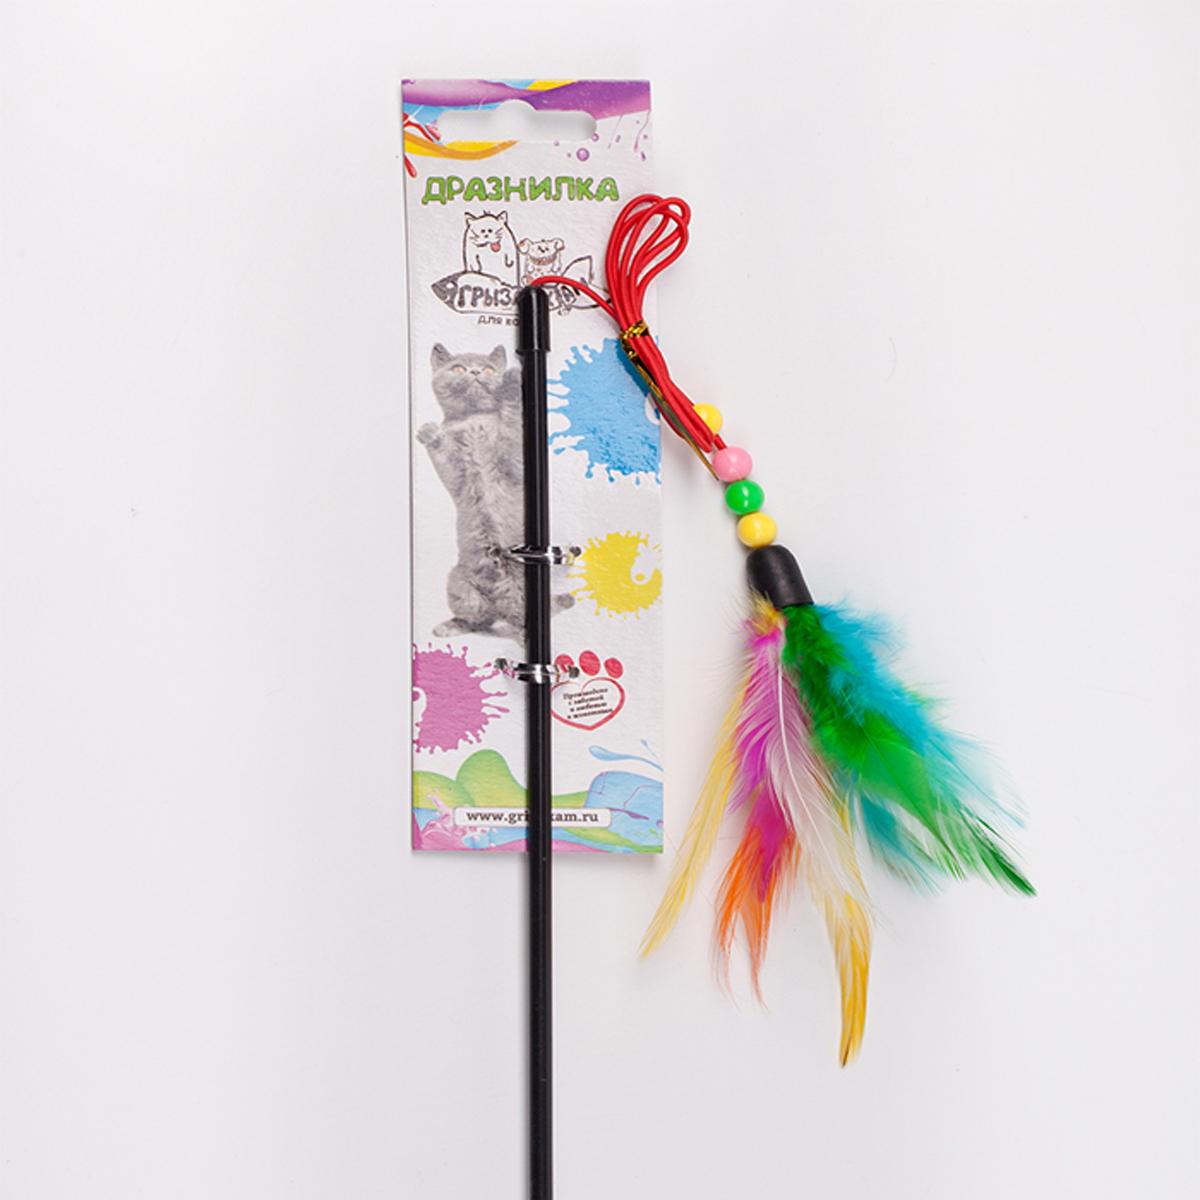 Дразнилка-удочка для кошки Грызлик Ам Марабу с шариками, длина палочки 50 см